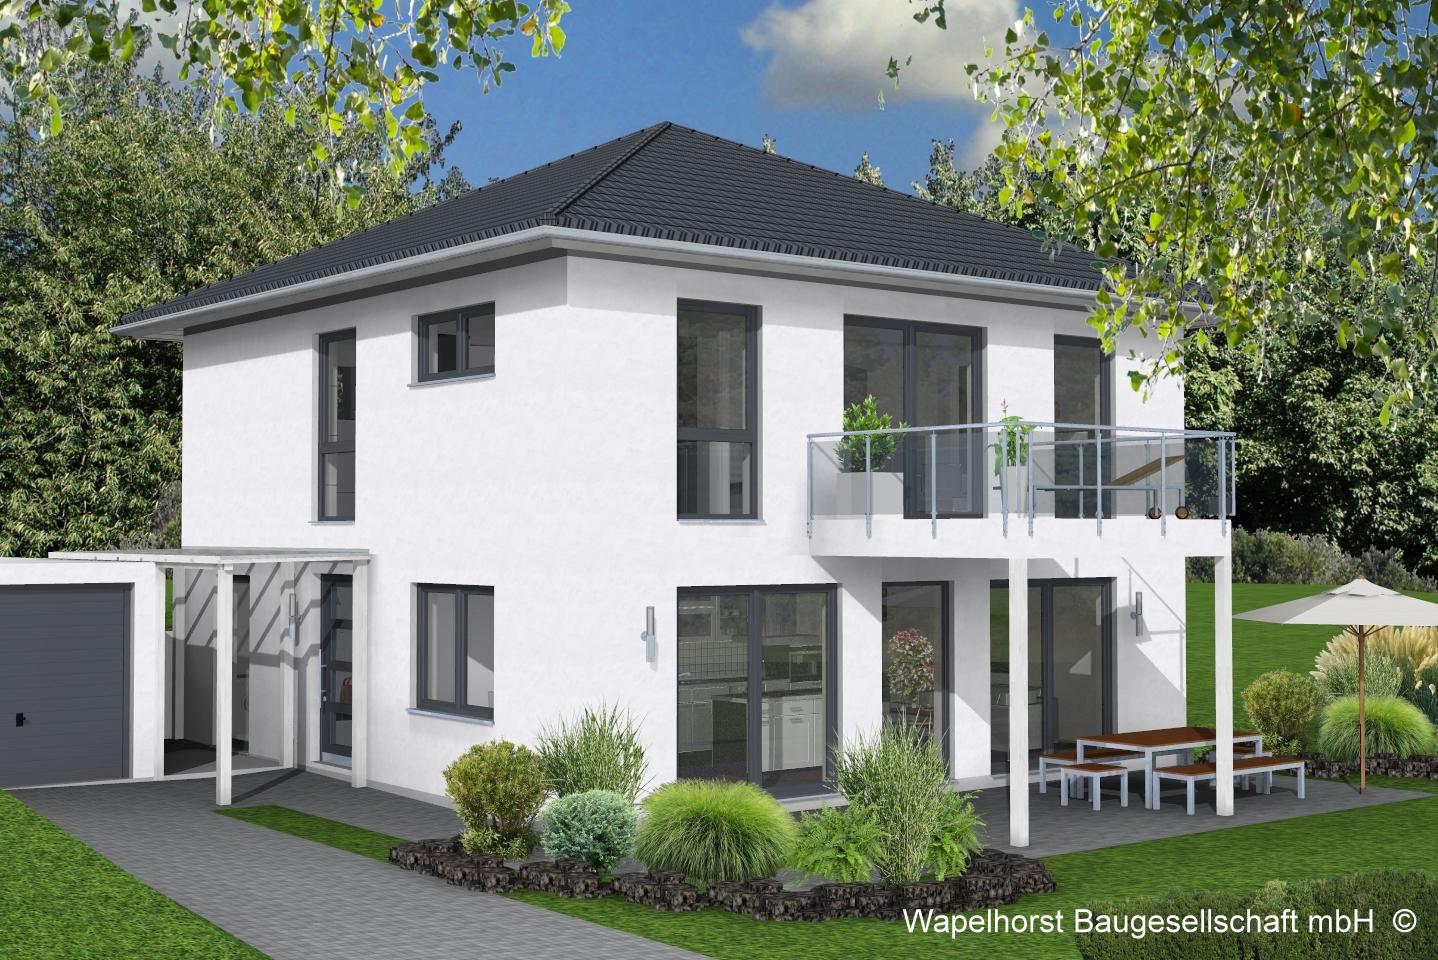 Einfamilienhaus 1 300 wapelhorst planen und bauen möhnesee